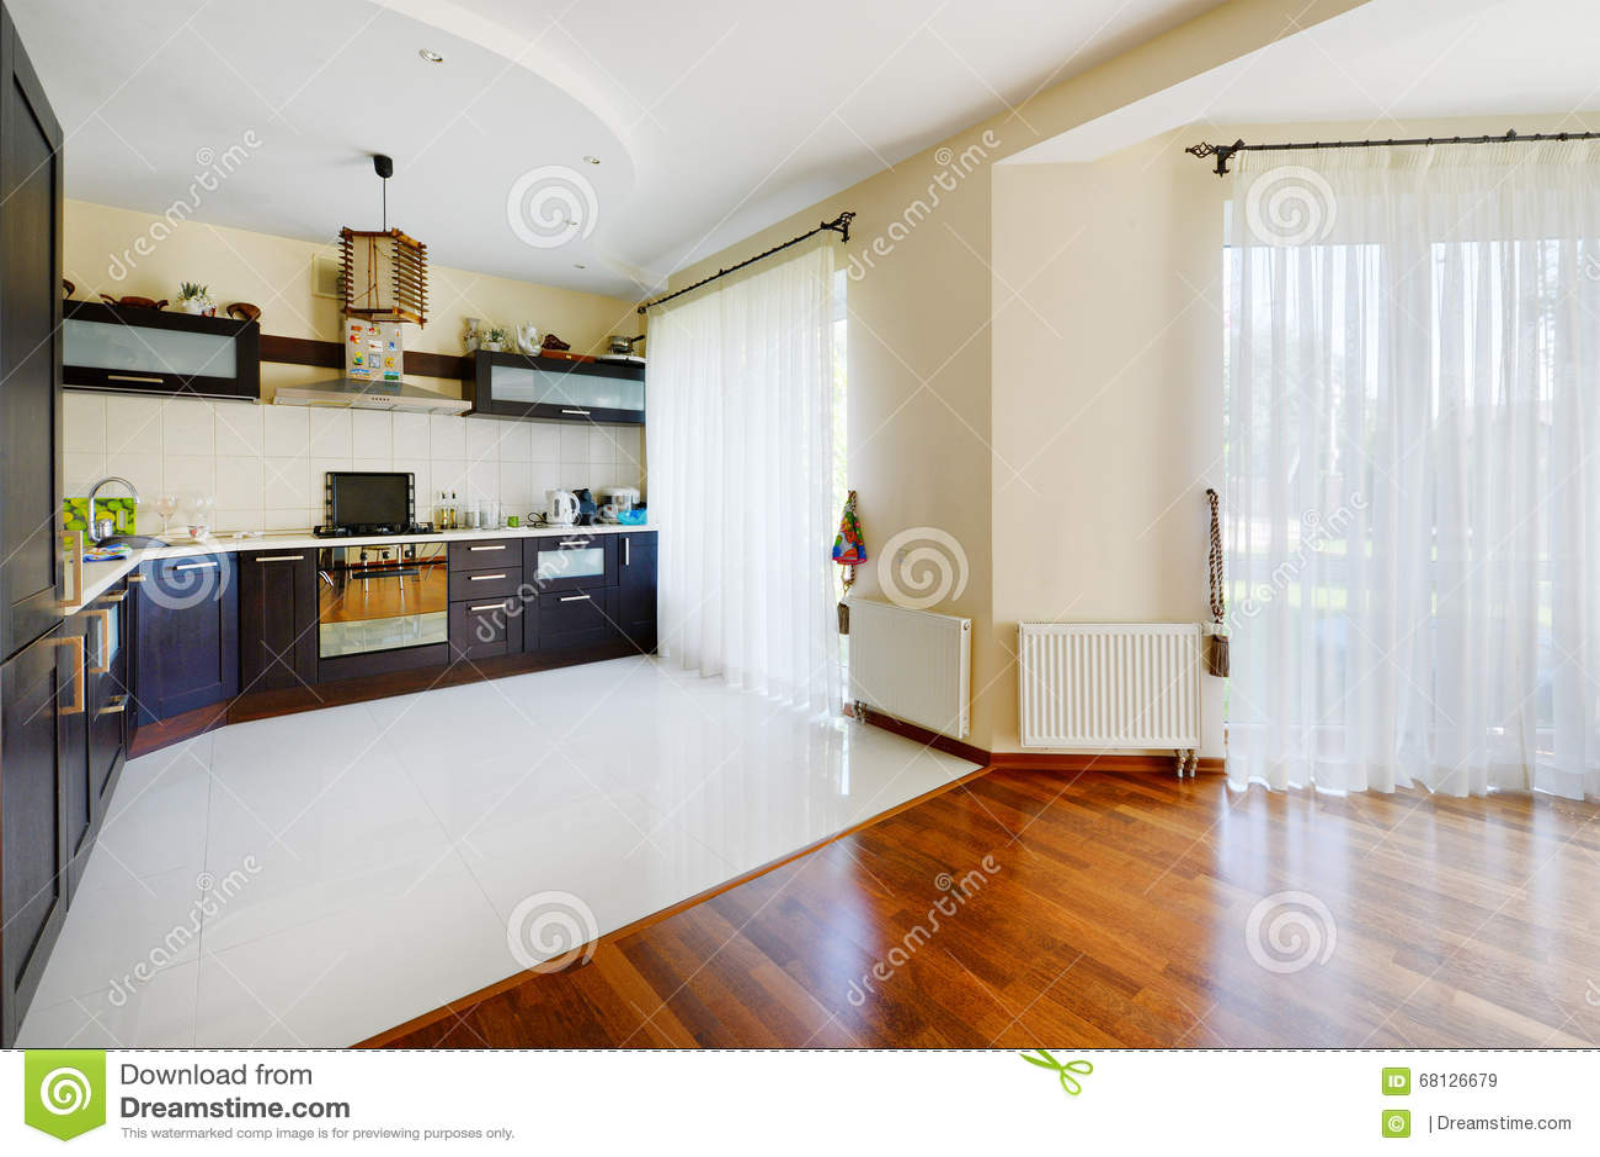 Mooie Huizen, Flats, Luxehuis, Ontwerp, Keukenontwerp, Eetkamer ...